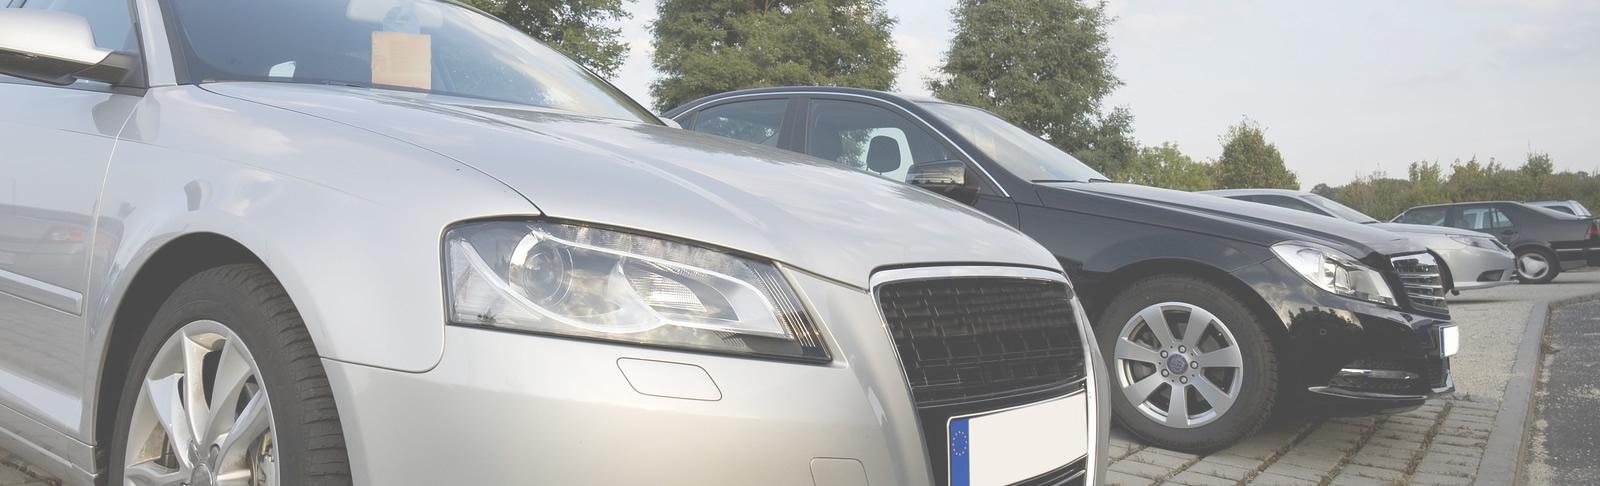 Hitech Car Rental